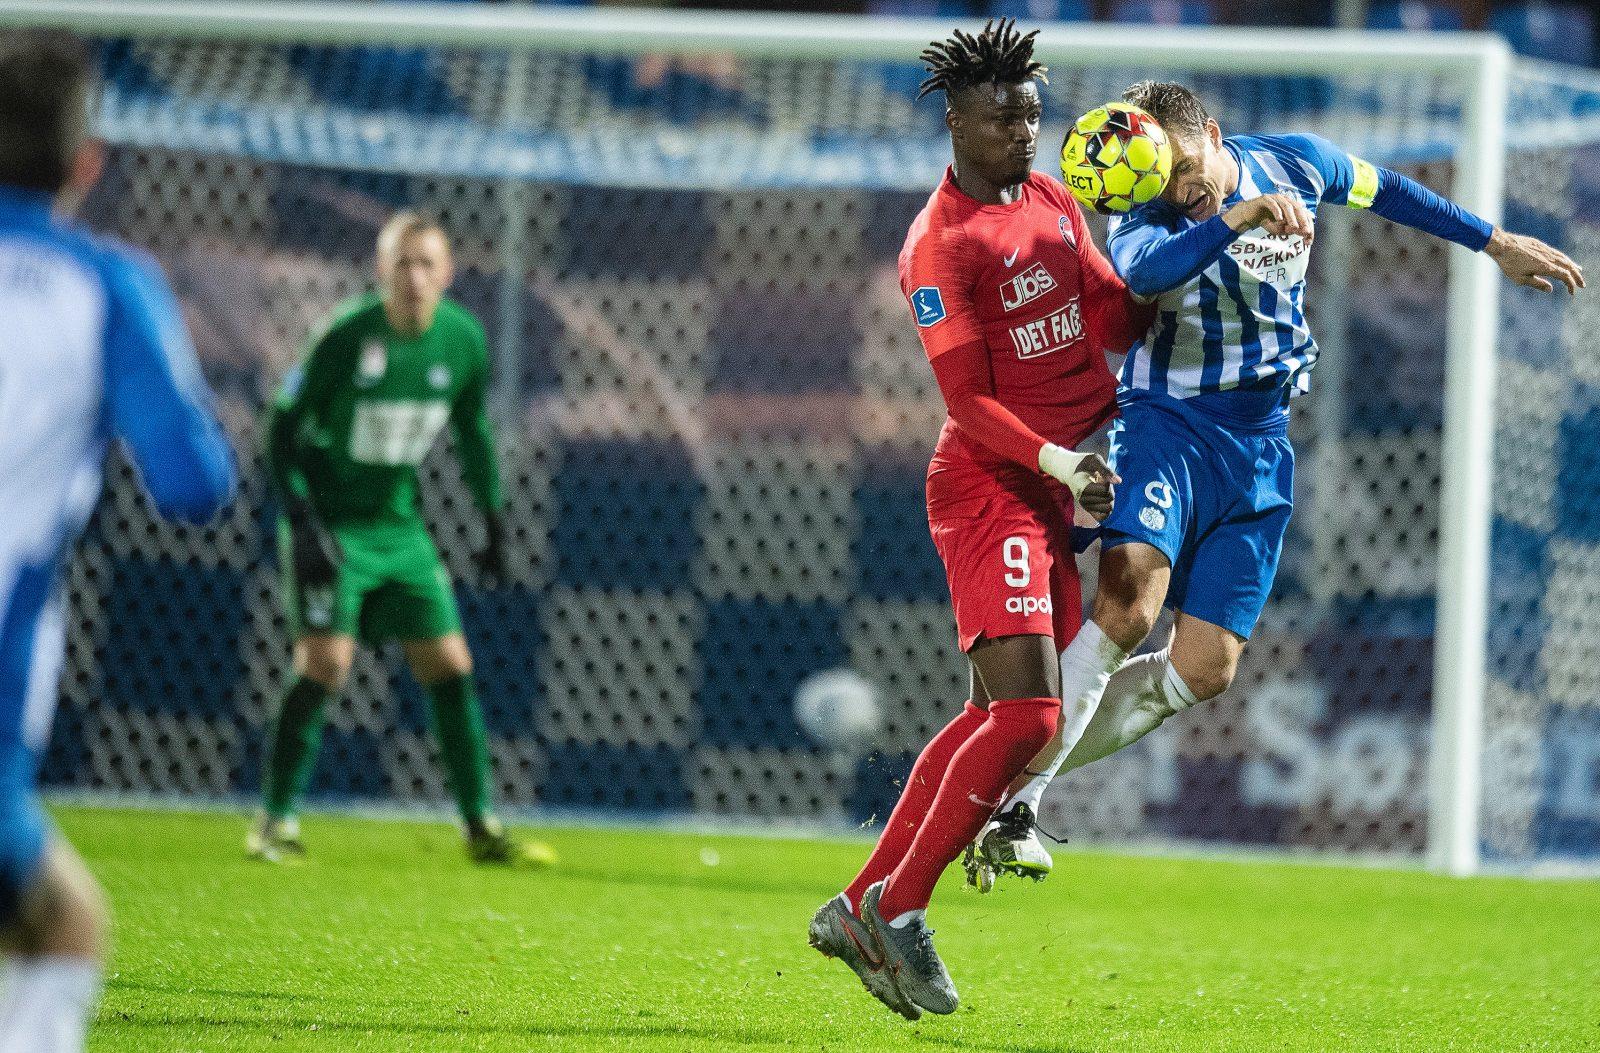 Esbjerg fB-FC Midtjylland-10